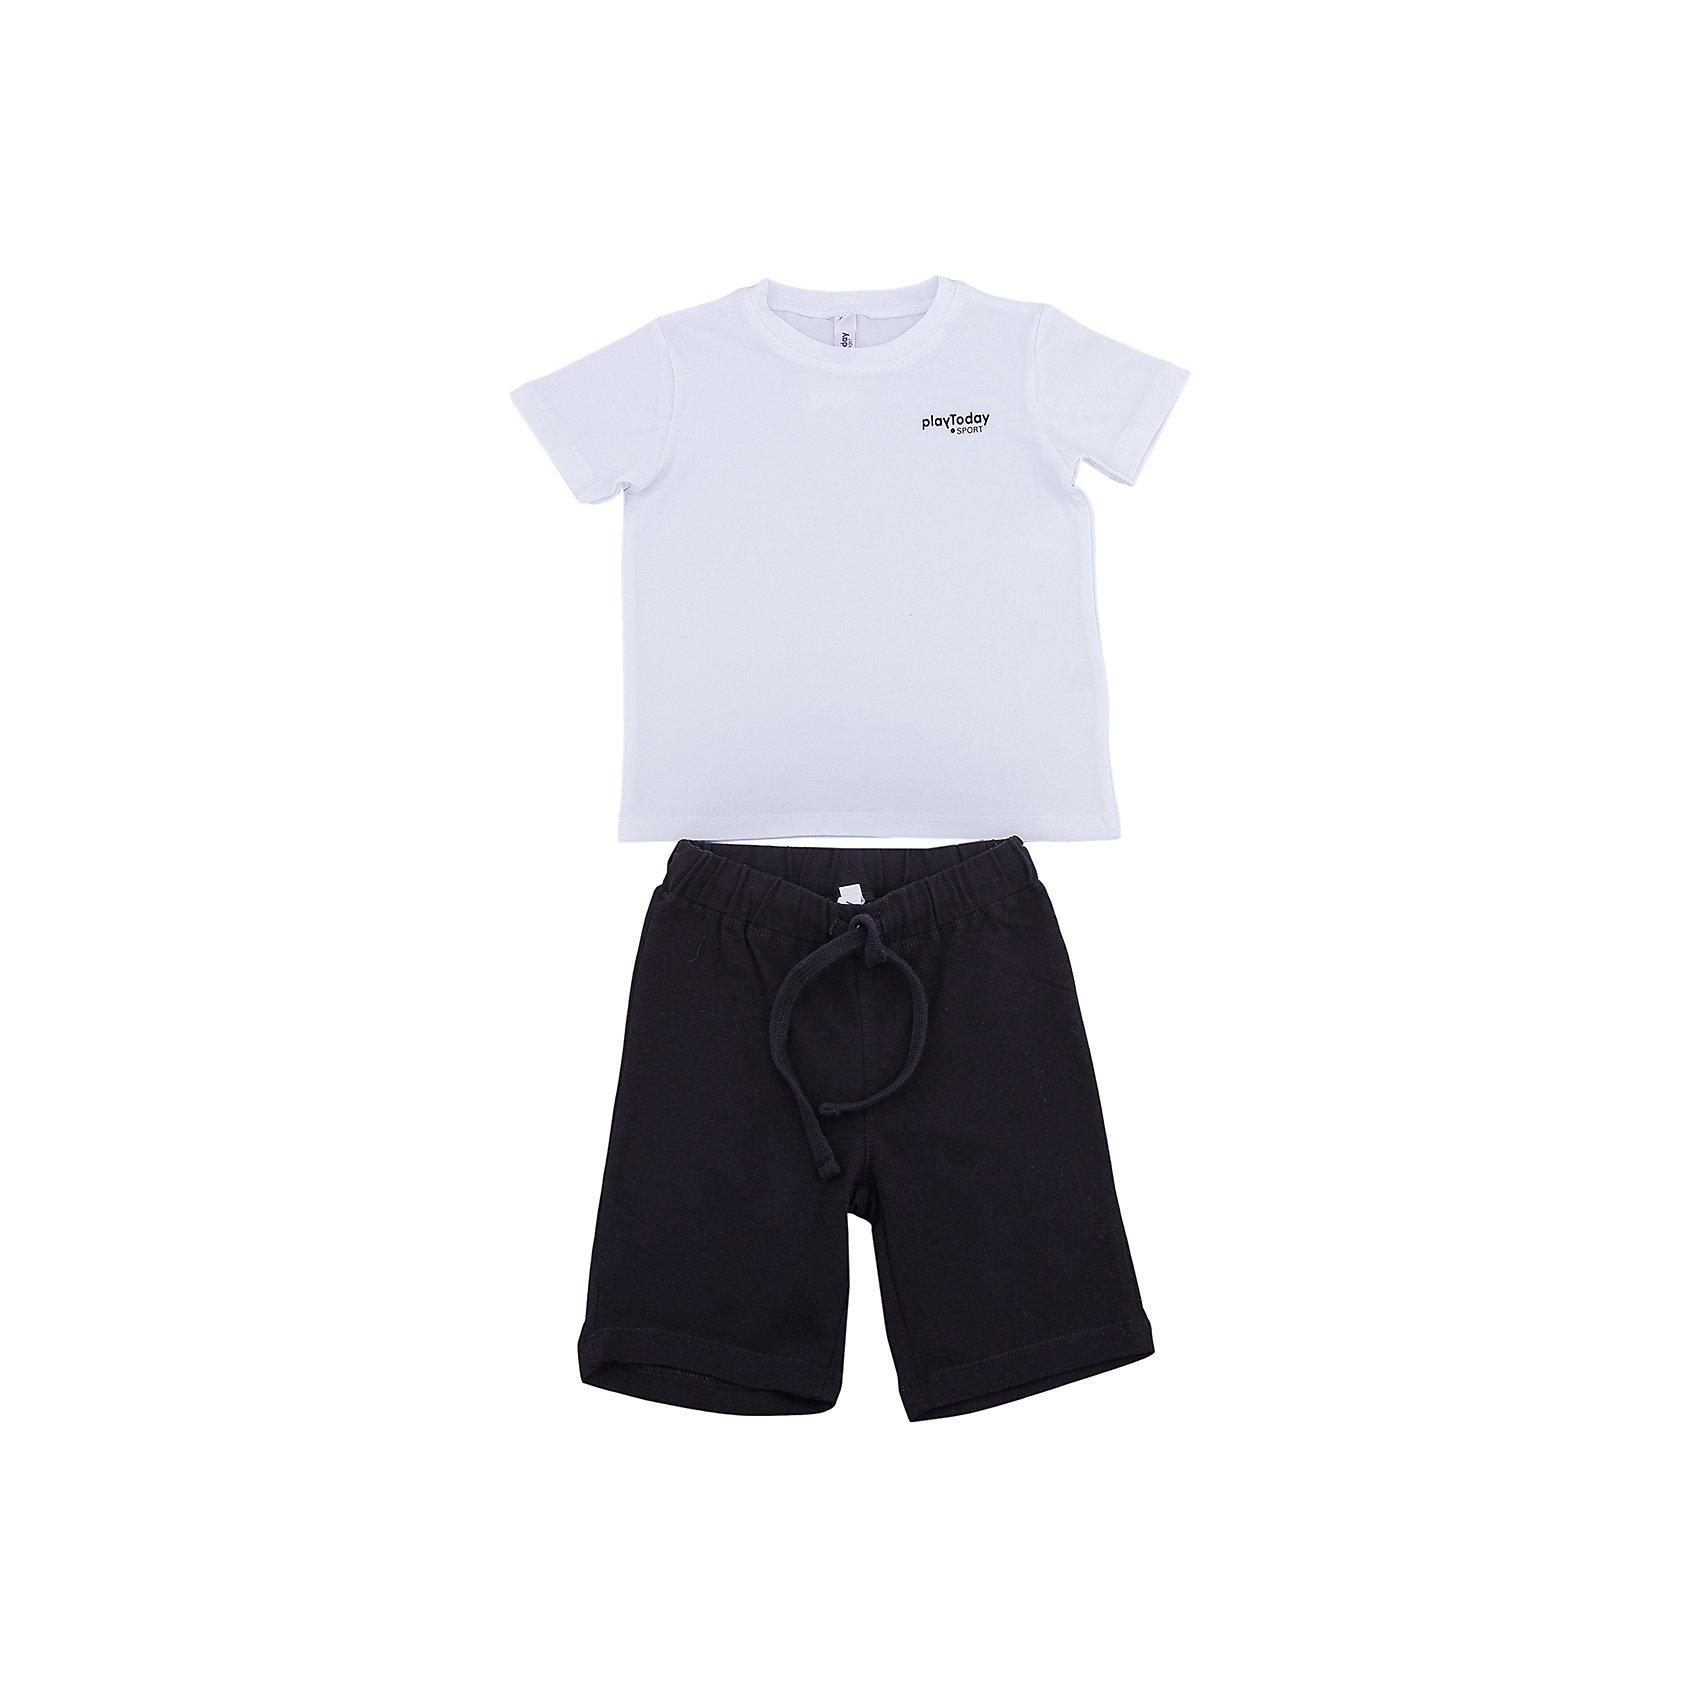 Комплект: футболка и шорты PlayToday для мальчикаКомплекты<br>Комплект: футболка и шорты PlayToday для мальчика<br>Классический комплект из белой футболки и черных шорт прекрасно подойдет для занятий спортом. Добавление в материал эластана позволяет комплекту хорошо сесть по фигуре. Пояс шорт на мягкой широкой резинке, не сдавливающей живот ребенка, дополнен регулируемым шнуром - кулиской. На футболке в качестве декора использован небольшой принт.<br>Состав:<br>95% хлопок, 5% эластан<br><br>Ширина мм: 199<br>Глубина мм: 10<br>Высота мм: 161<br>Вес г: 151<br>Цвет: белый<br>Возраст от месяцев: 108<br>Возраст до месяцев: 120<br>Пол: Мужской<br>Возраст: Детский<br>Размер: 140,98,104,110,116,122,128,134<br>SKU: 7111274